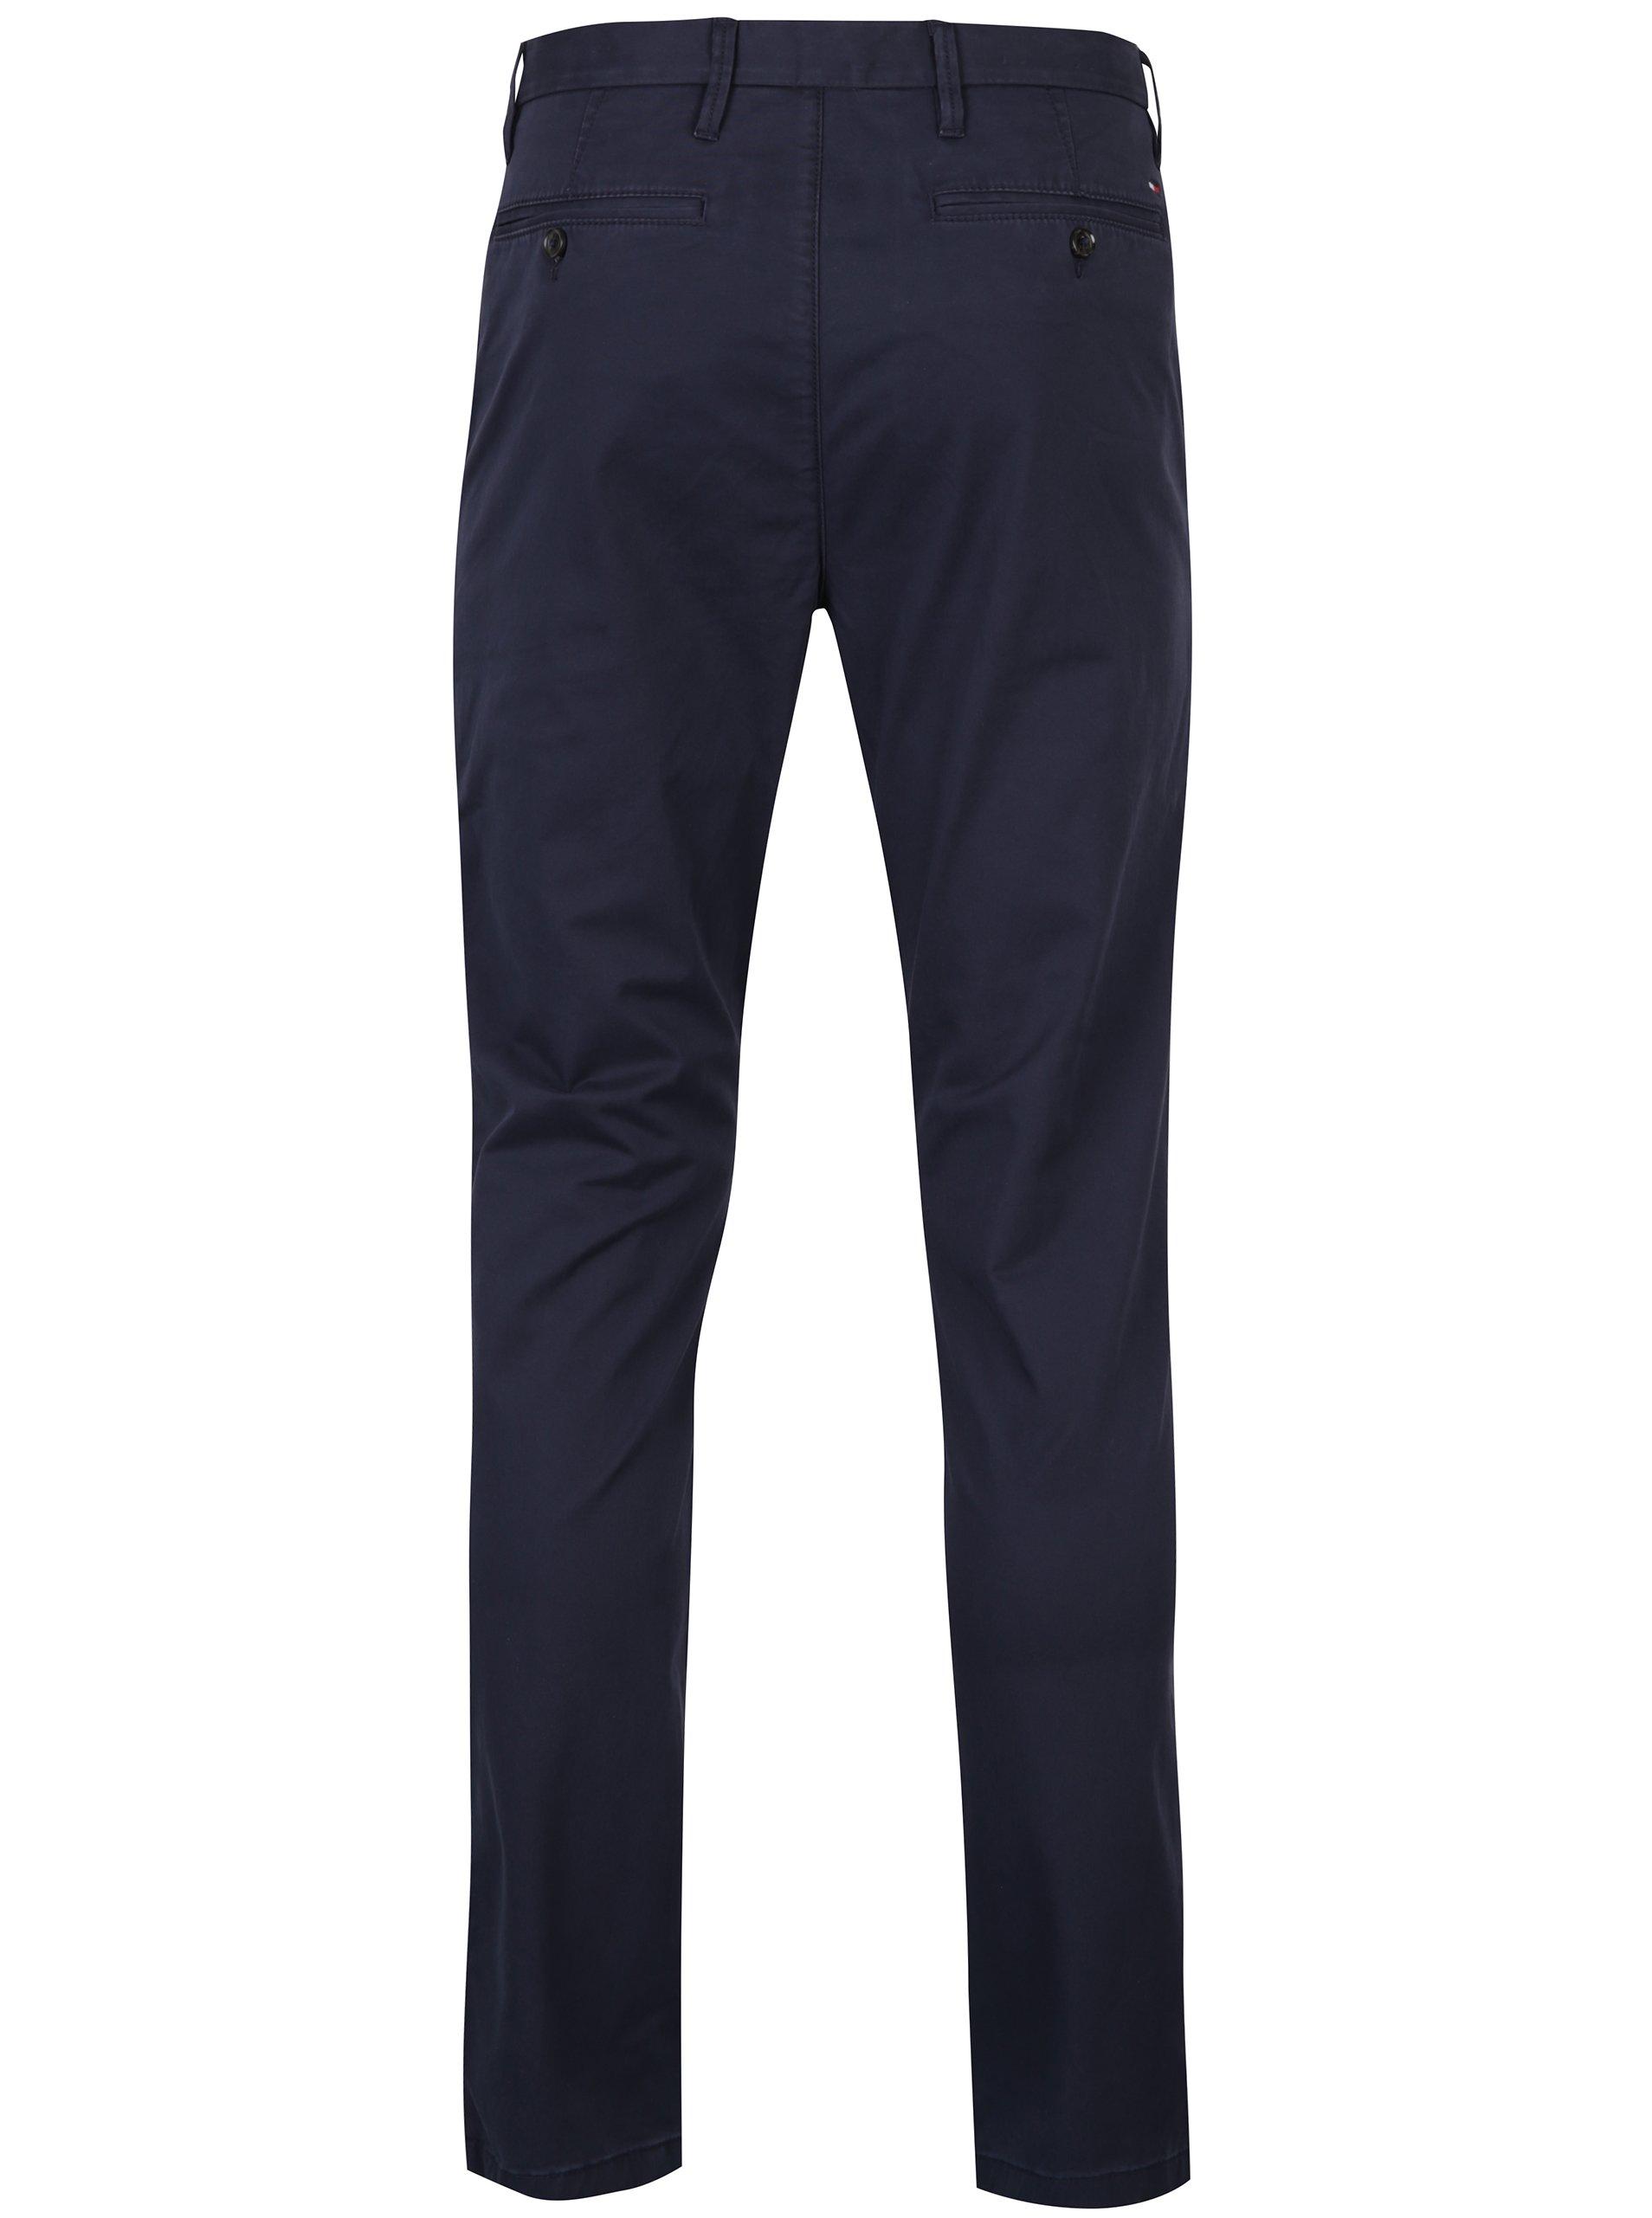 9b4e0ba1223 Tmavě modré pánské chino kalhoty Tommy Hilfiger Denton